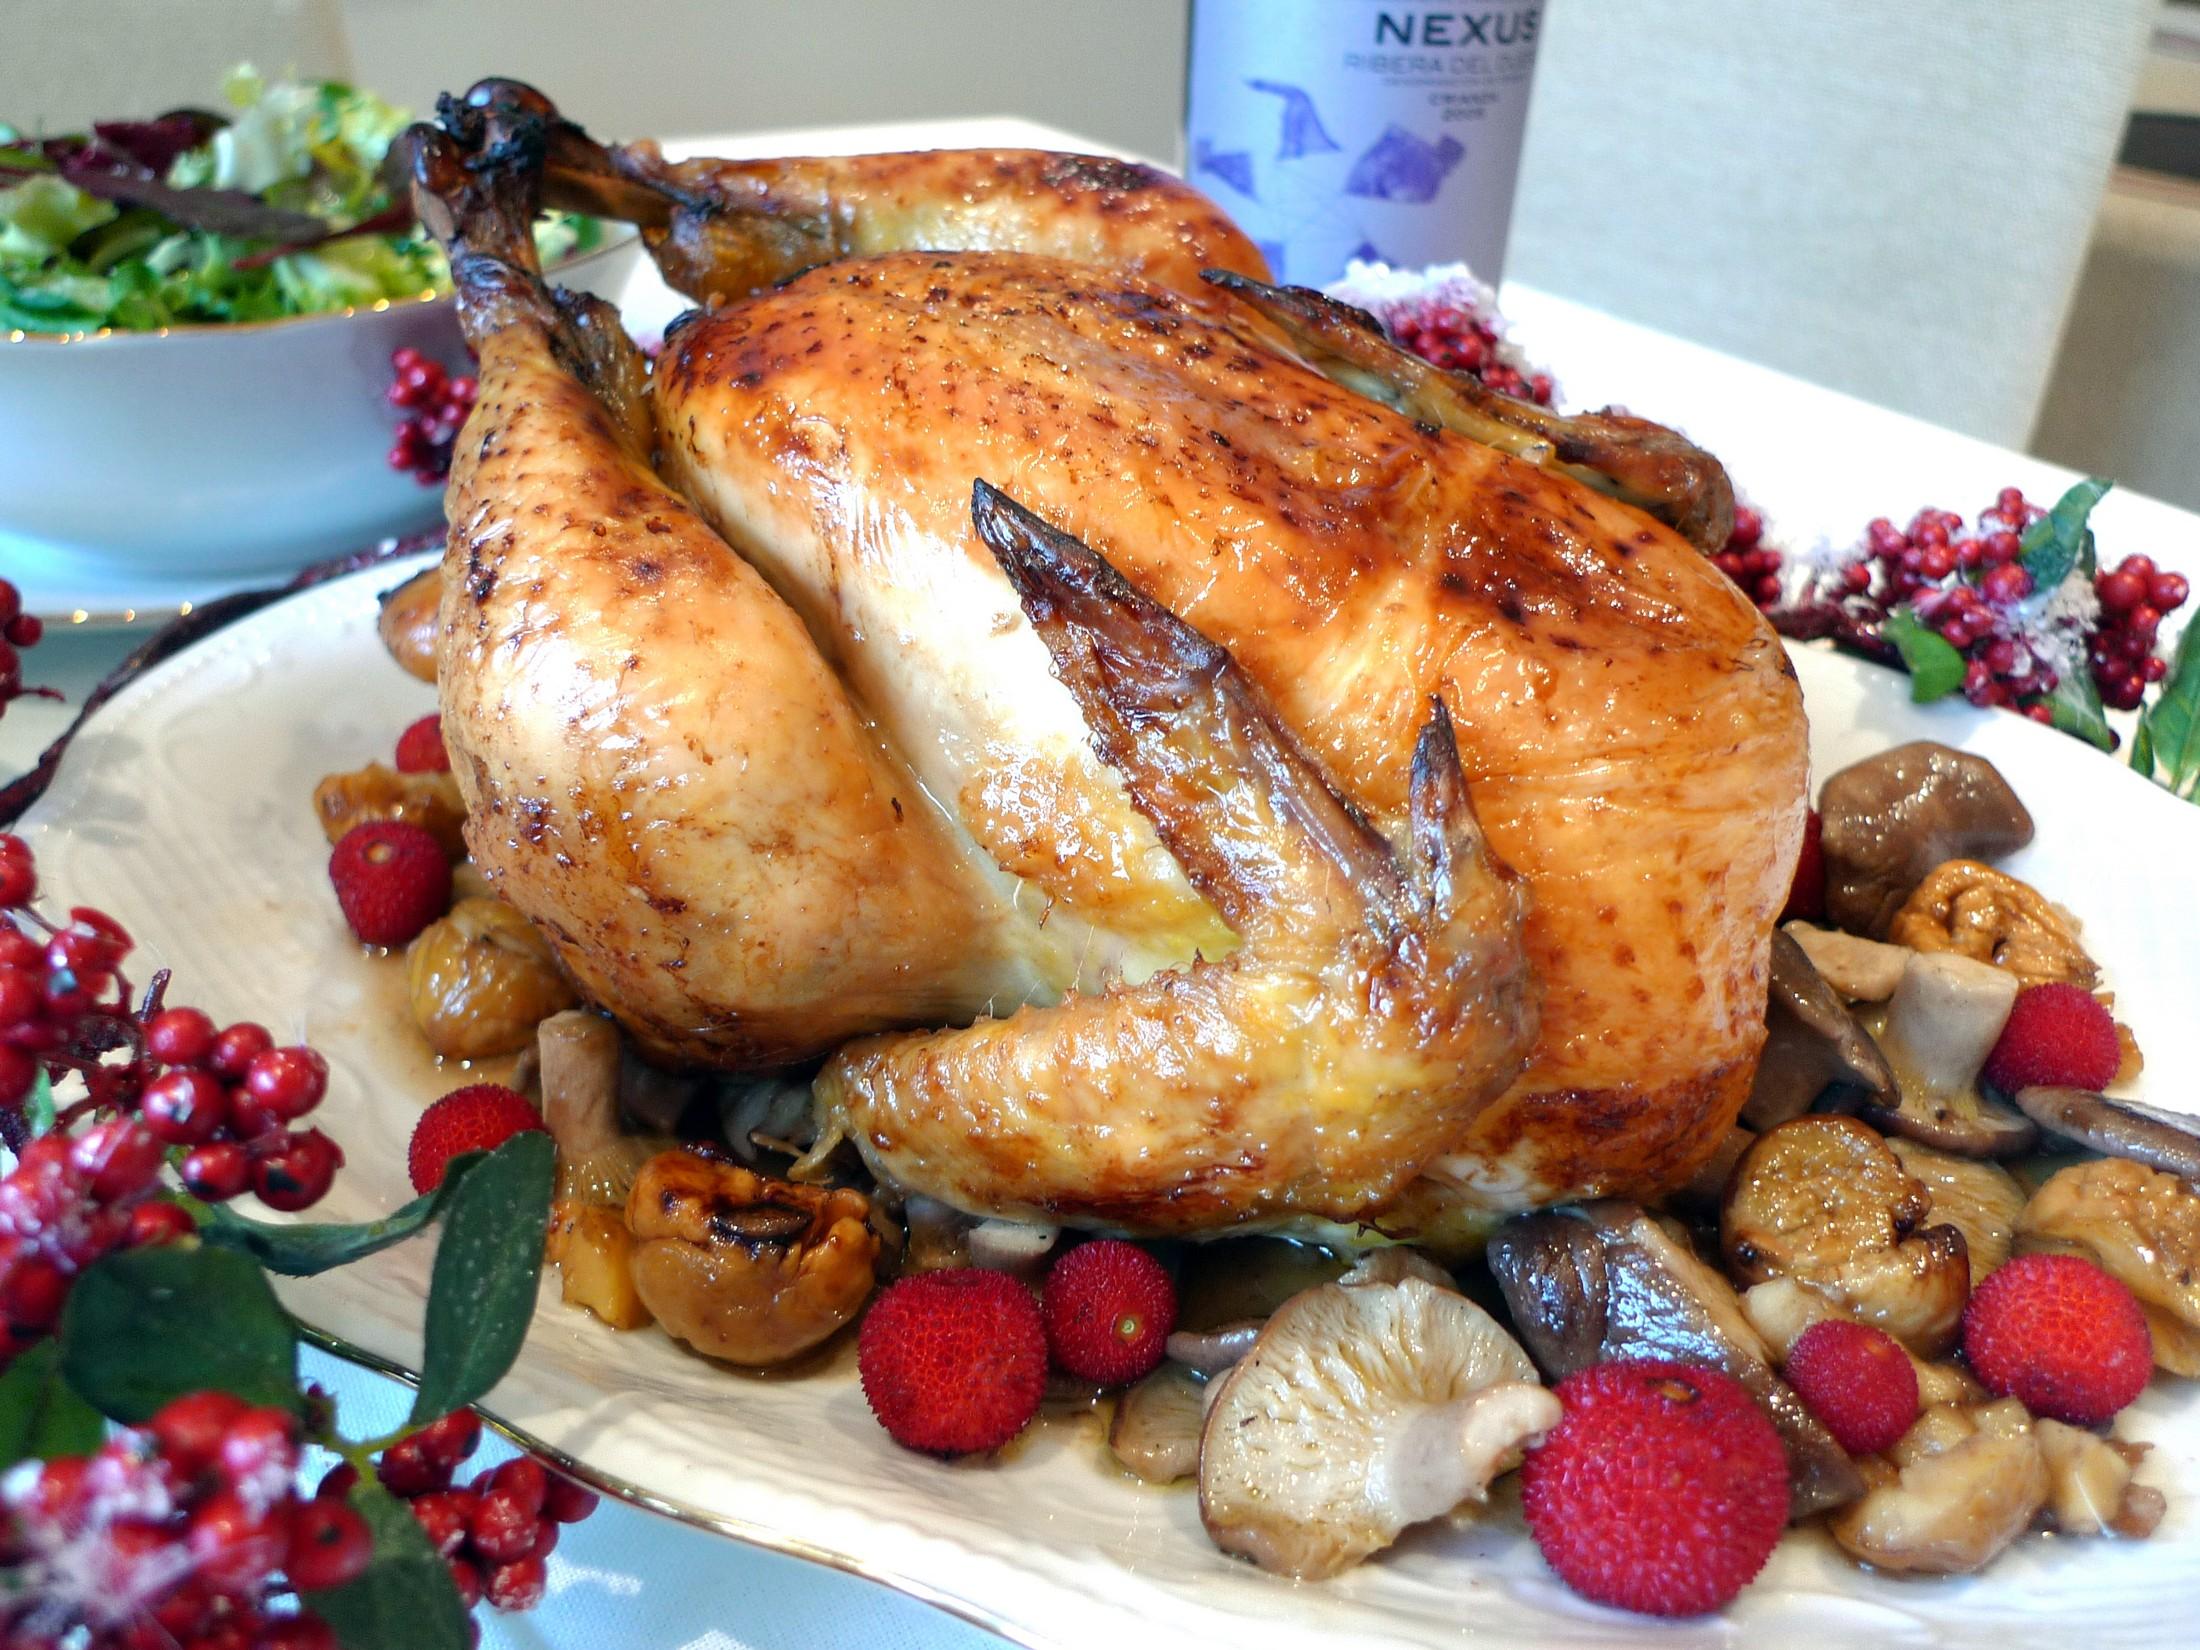 Programas especiales de cocina navide a en canal cocina for Canal cocina programacion